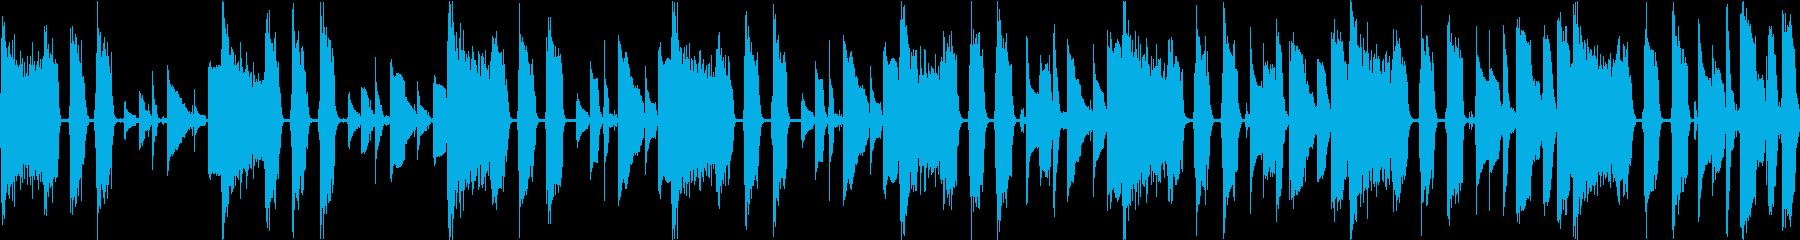 おしゃれなジャズイントロの再生済みの波形